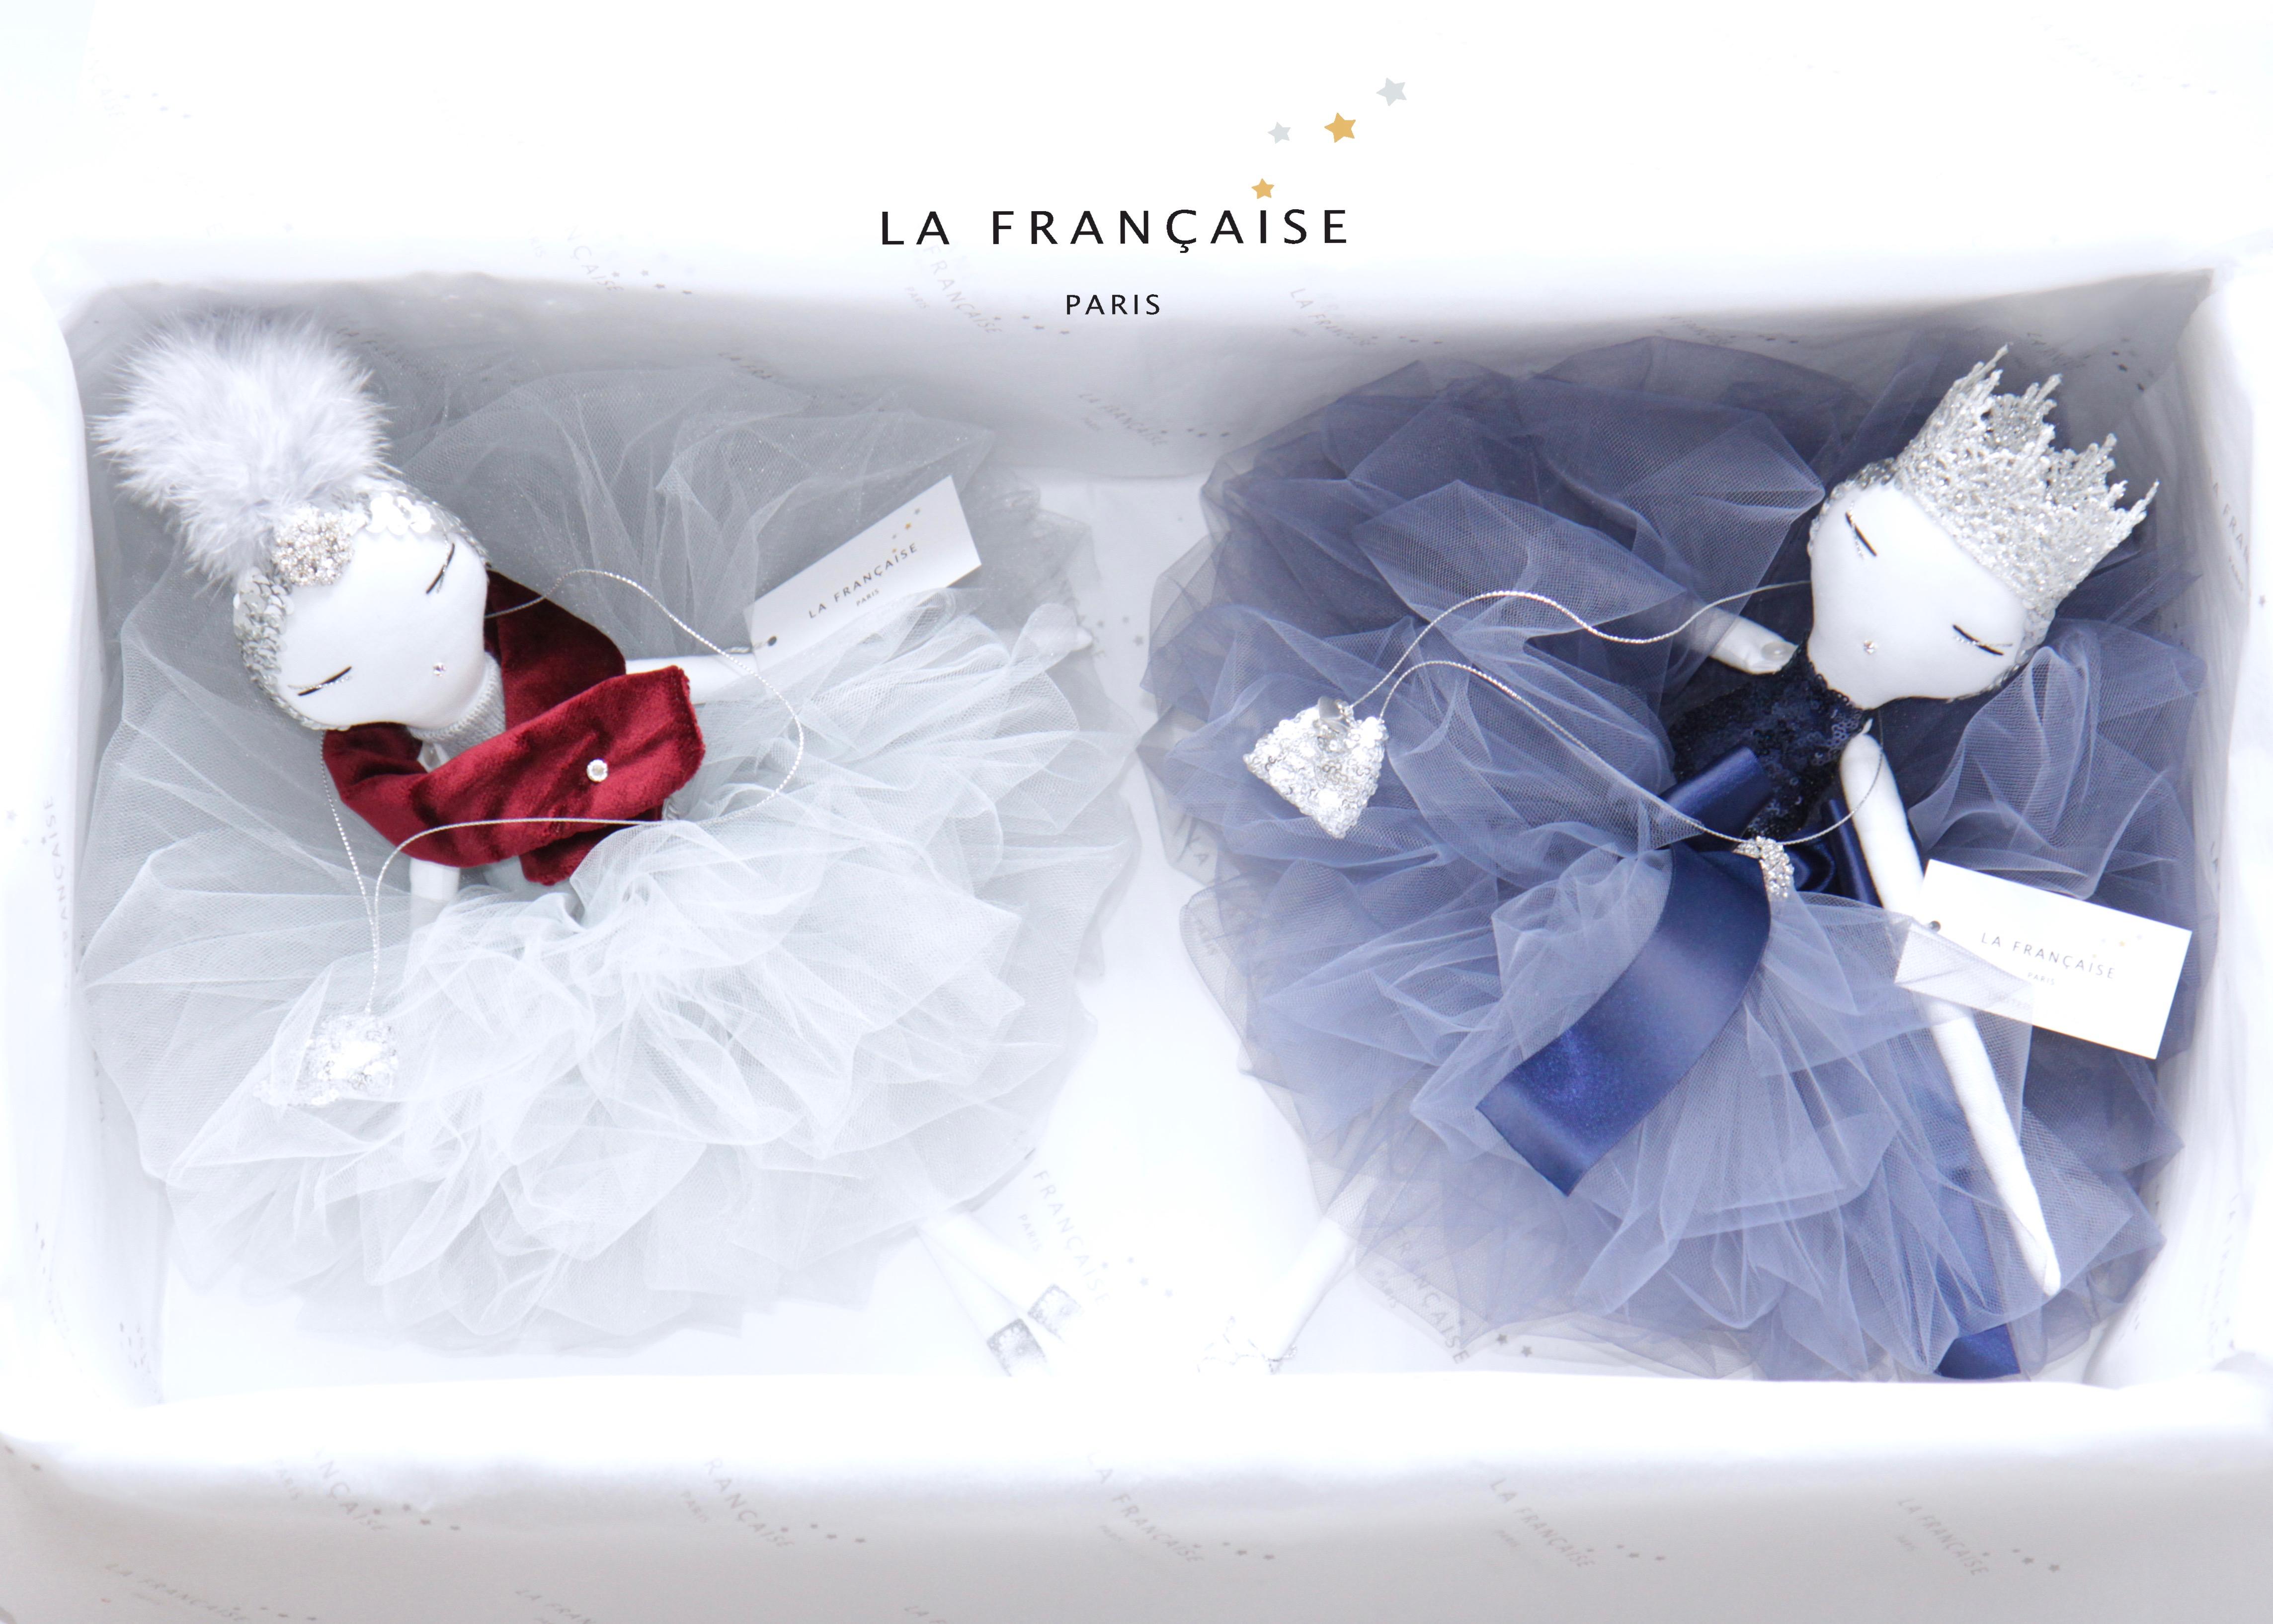 poupée, doll, luxe, tutu, baby, paris